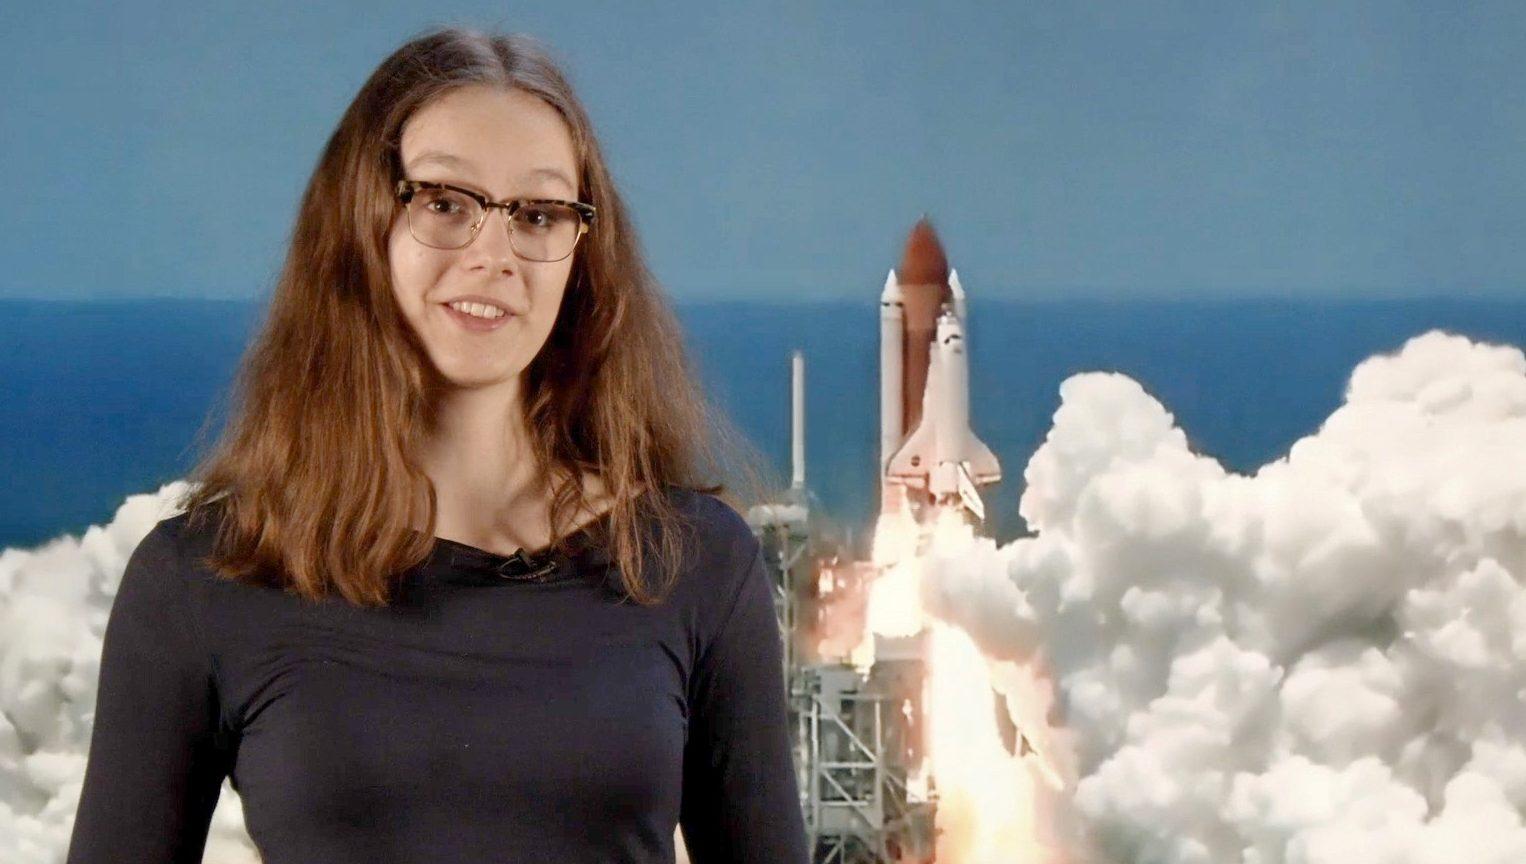 Schülerin der Hertha Firnberg Schulen gewinnt Ticket zum Internationalen Space Camp 2019 in den USA